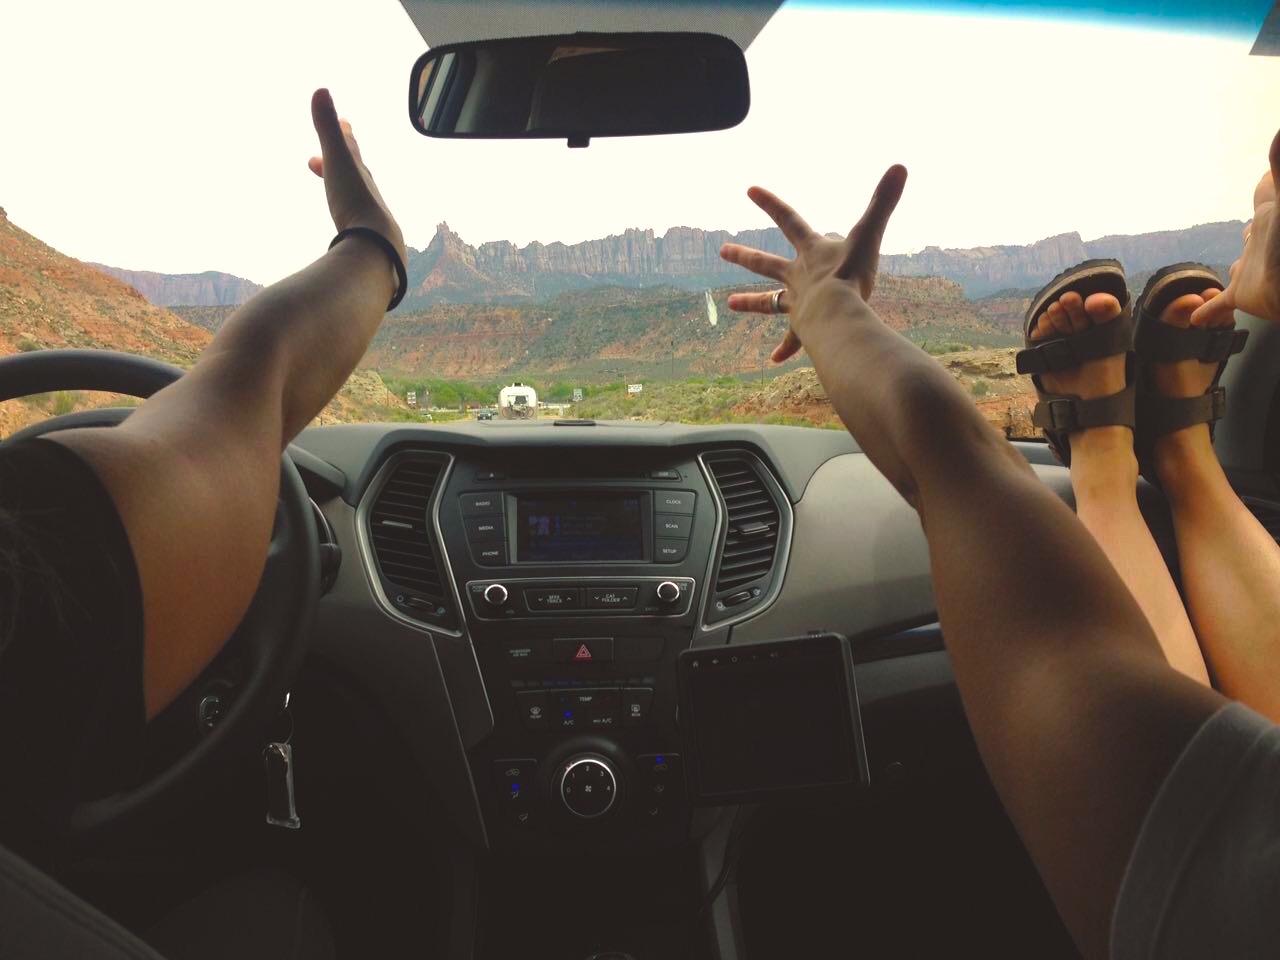 Un road trip e' tale solo se si canta forte